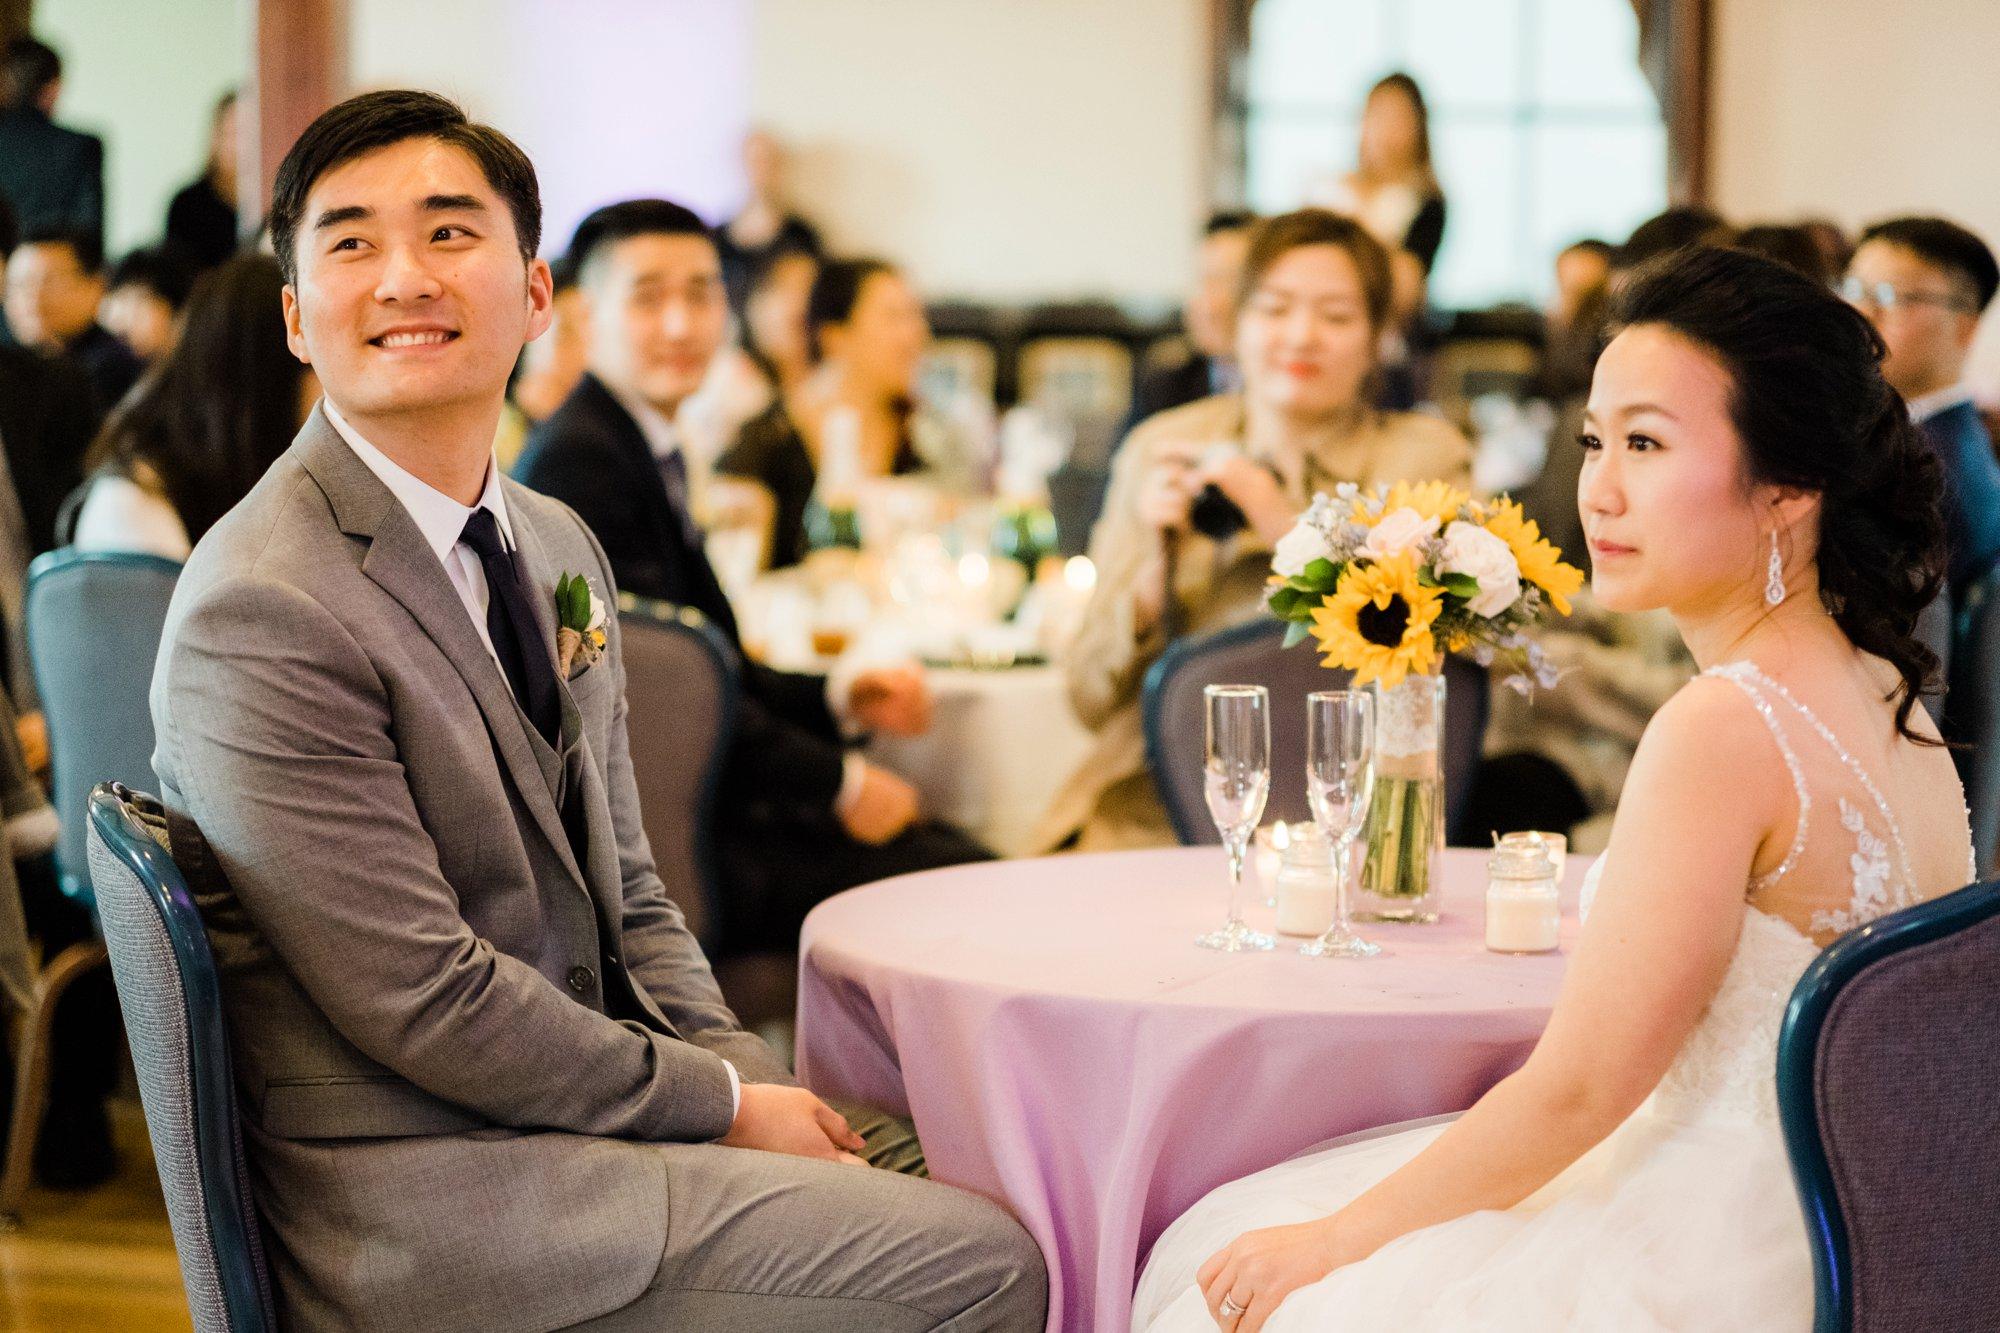 fairfax-dc-wedding-old-city-hall_0155.jpg